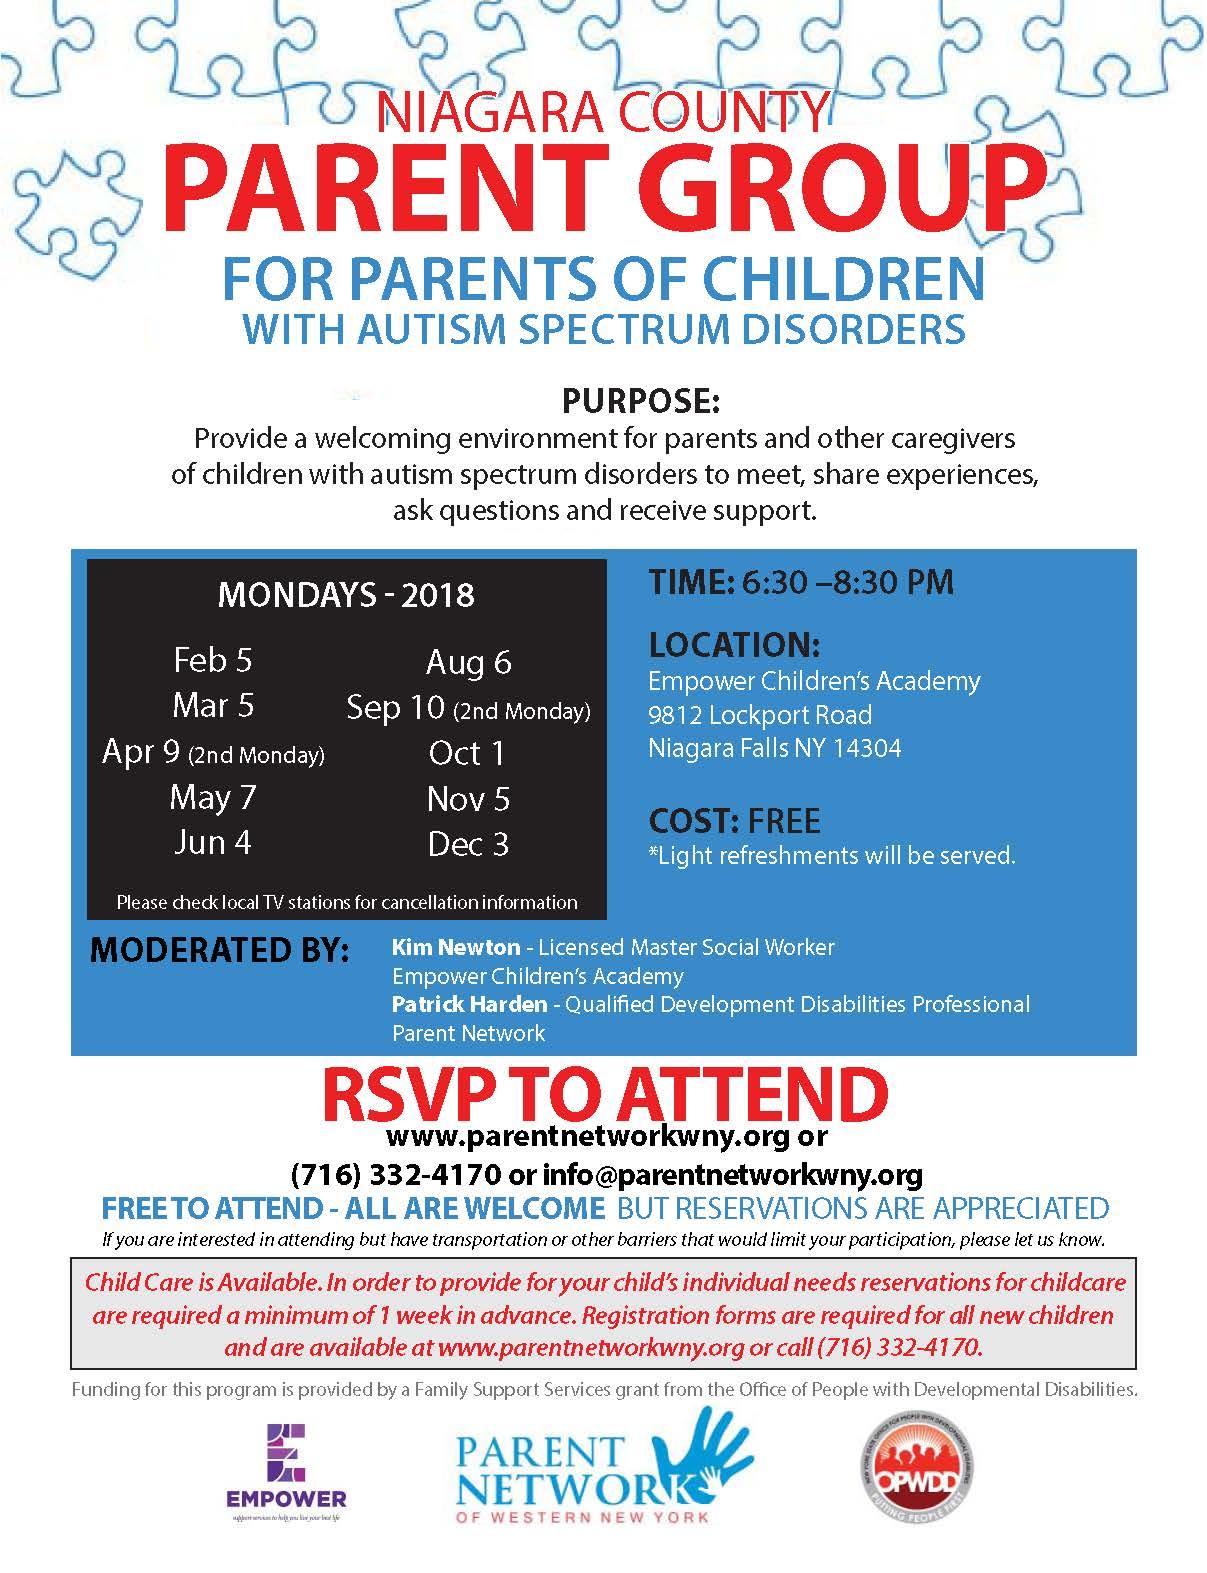 2018 Parent Group Flyer